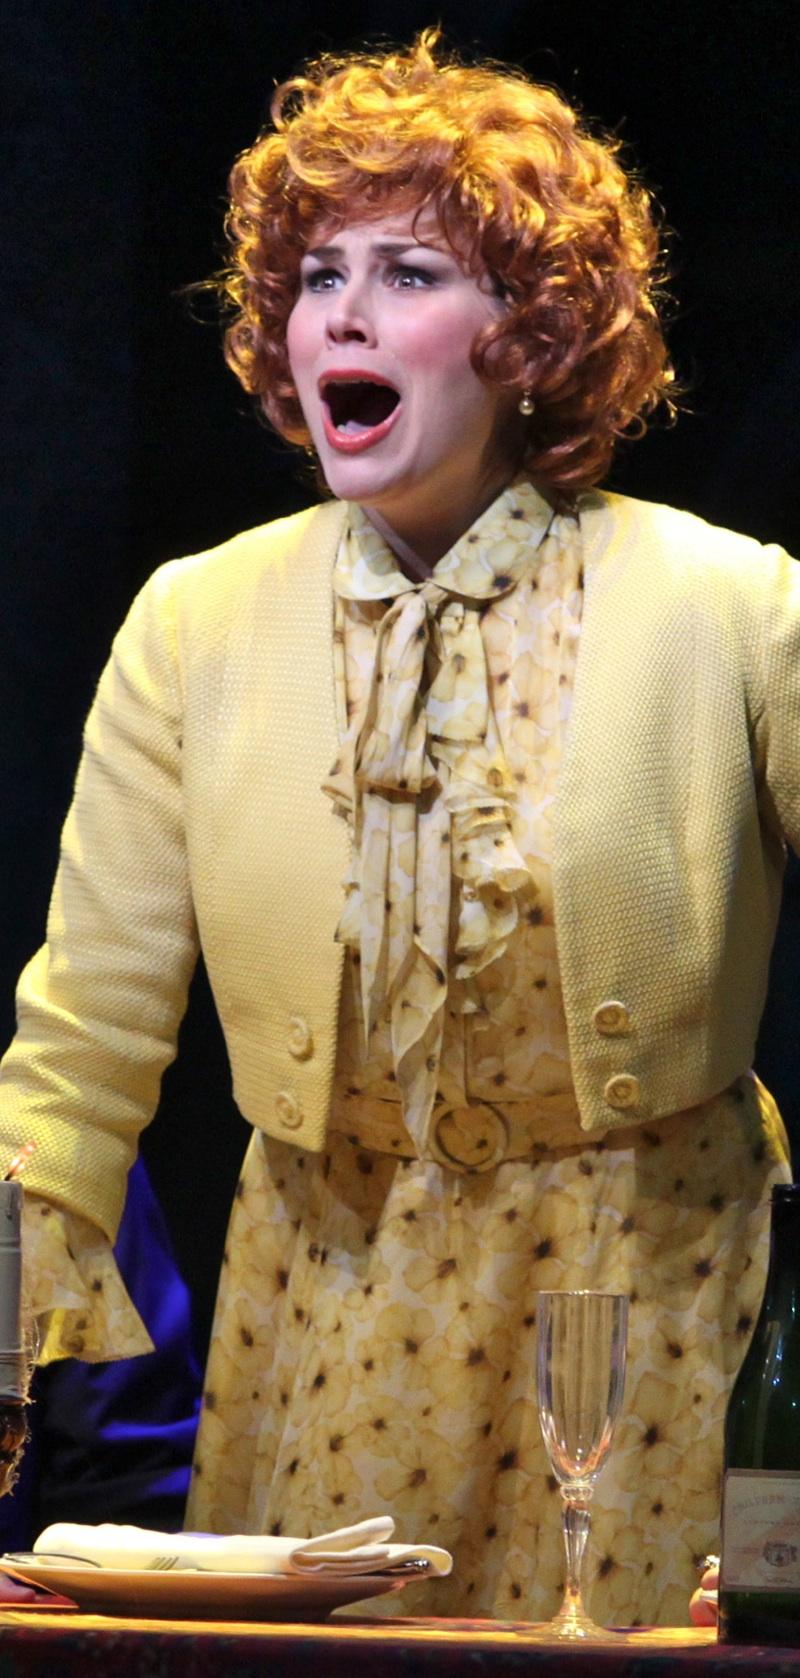 heidi blickenstaff addams family musical scene costume